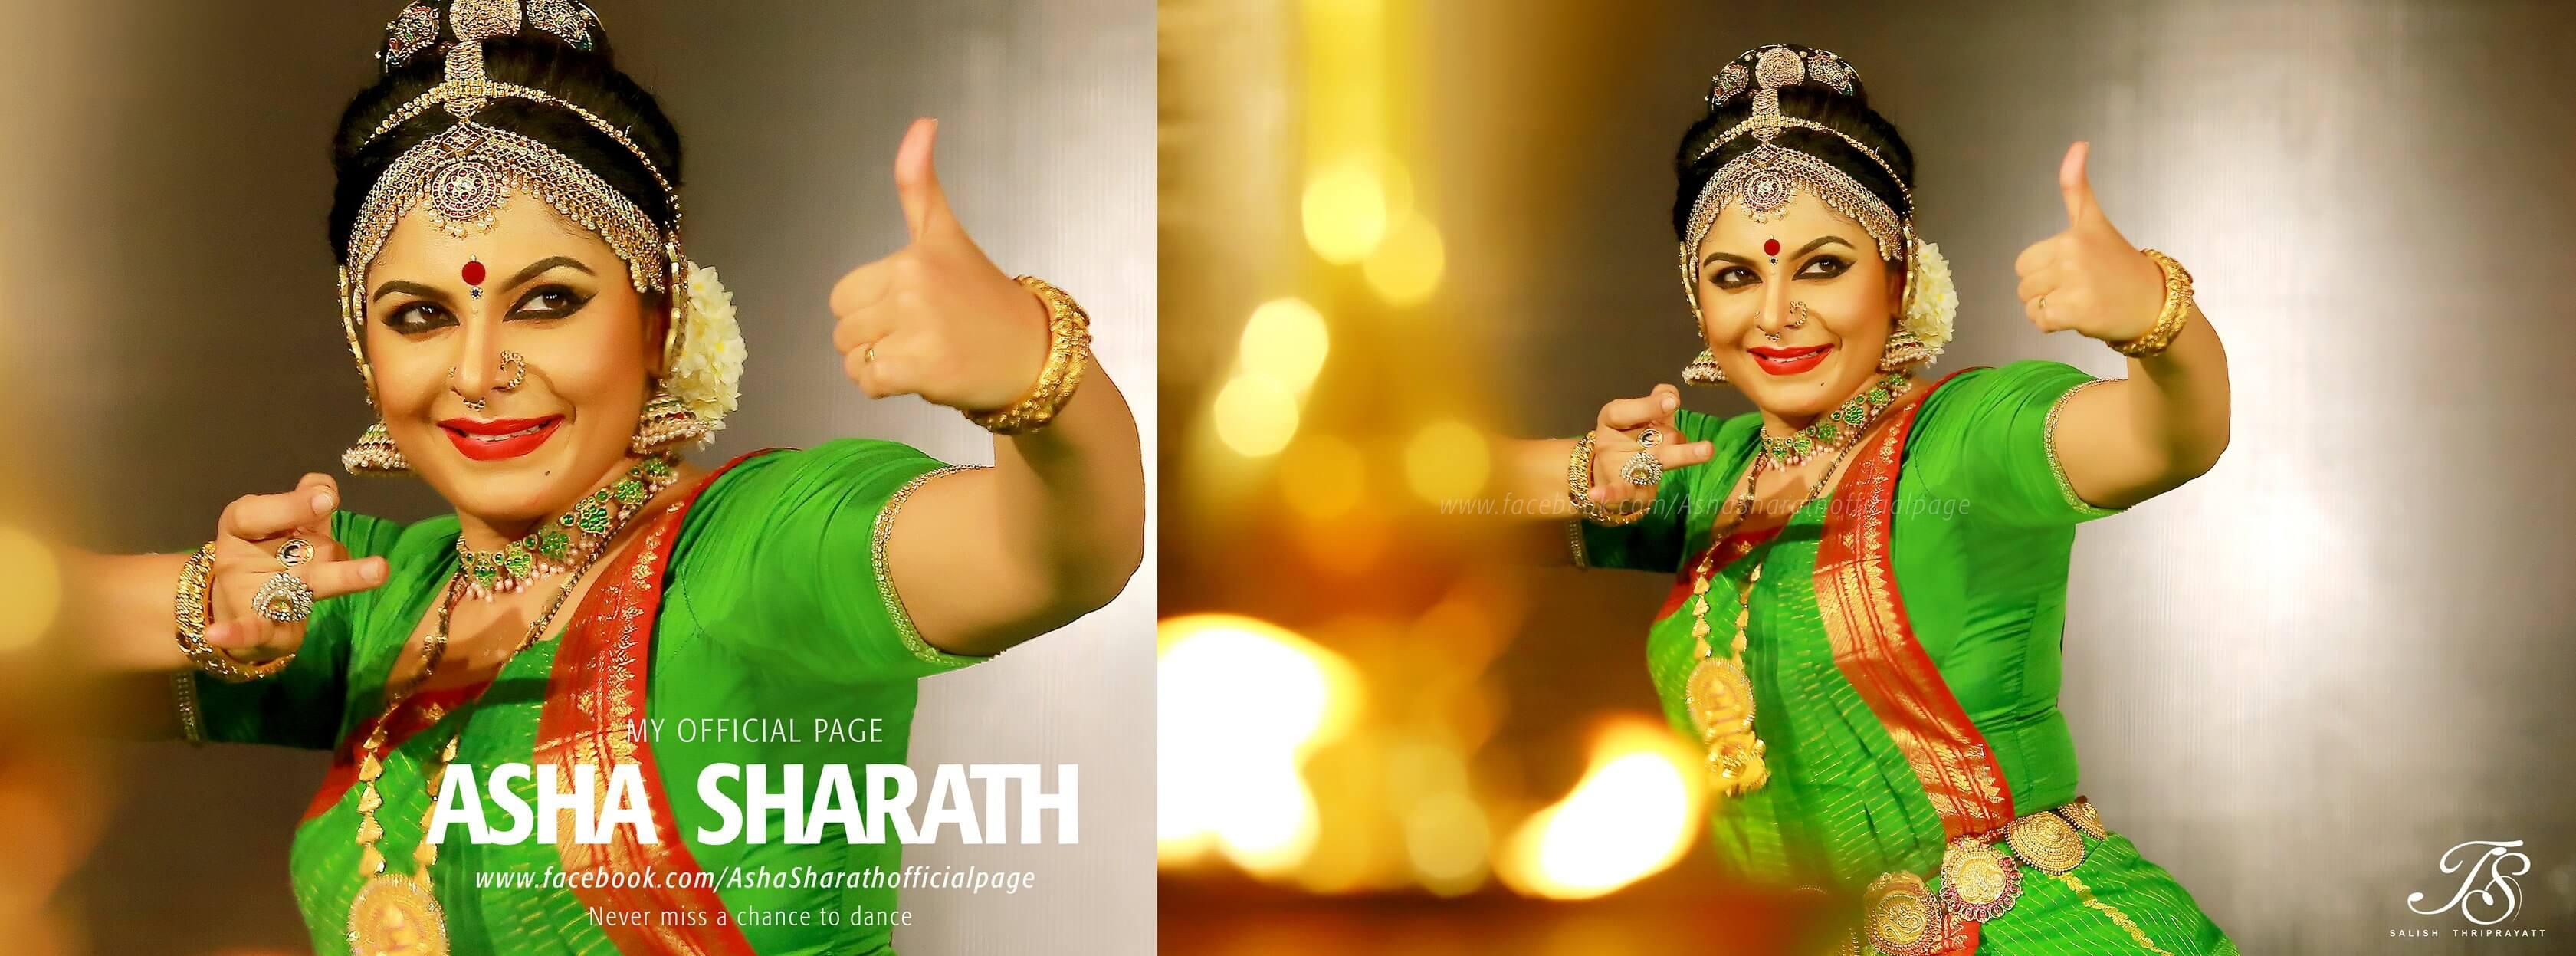 Asha Sharath Wiki